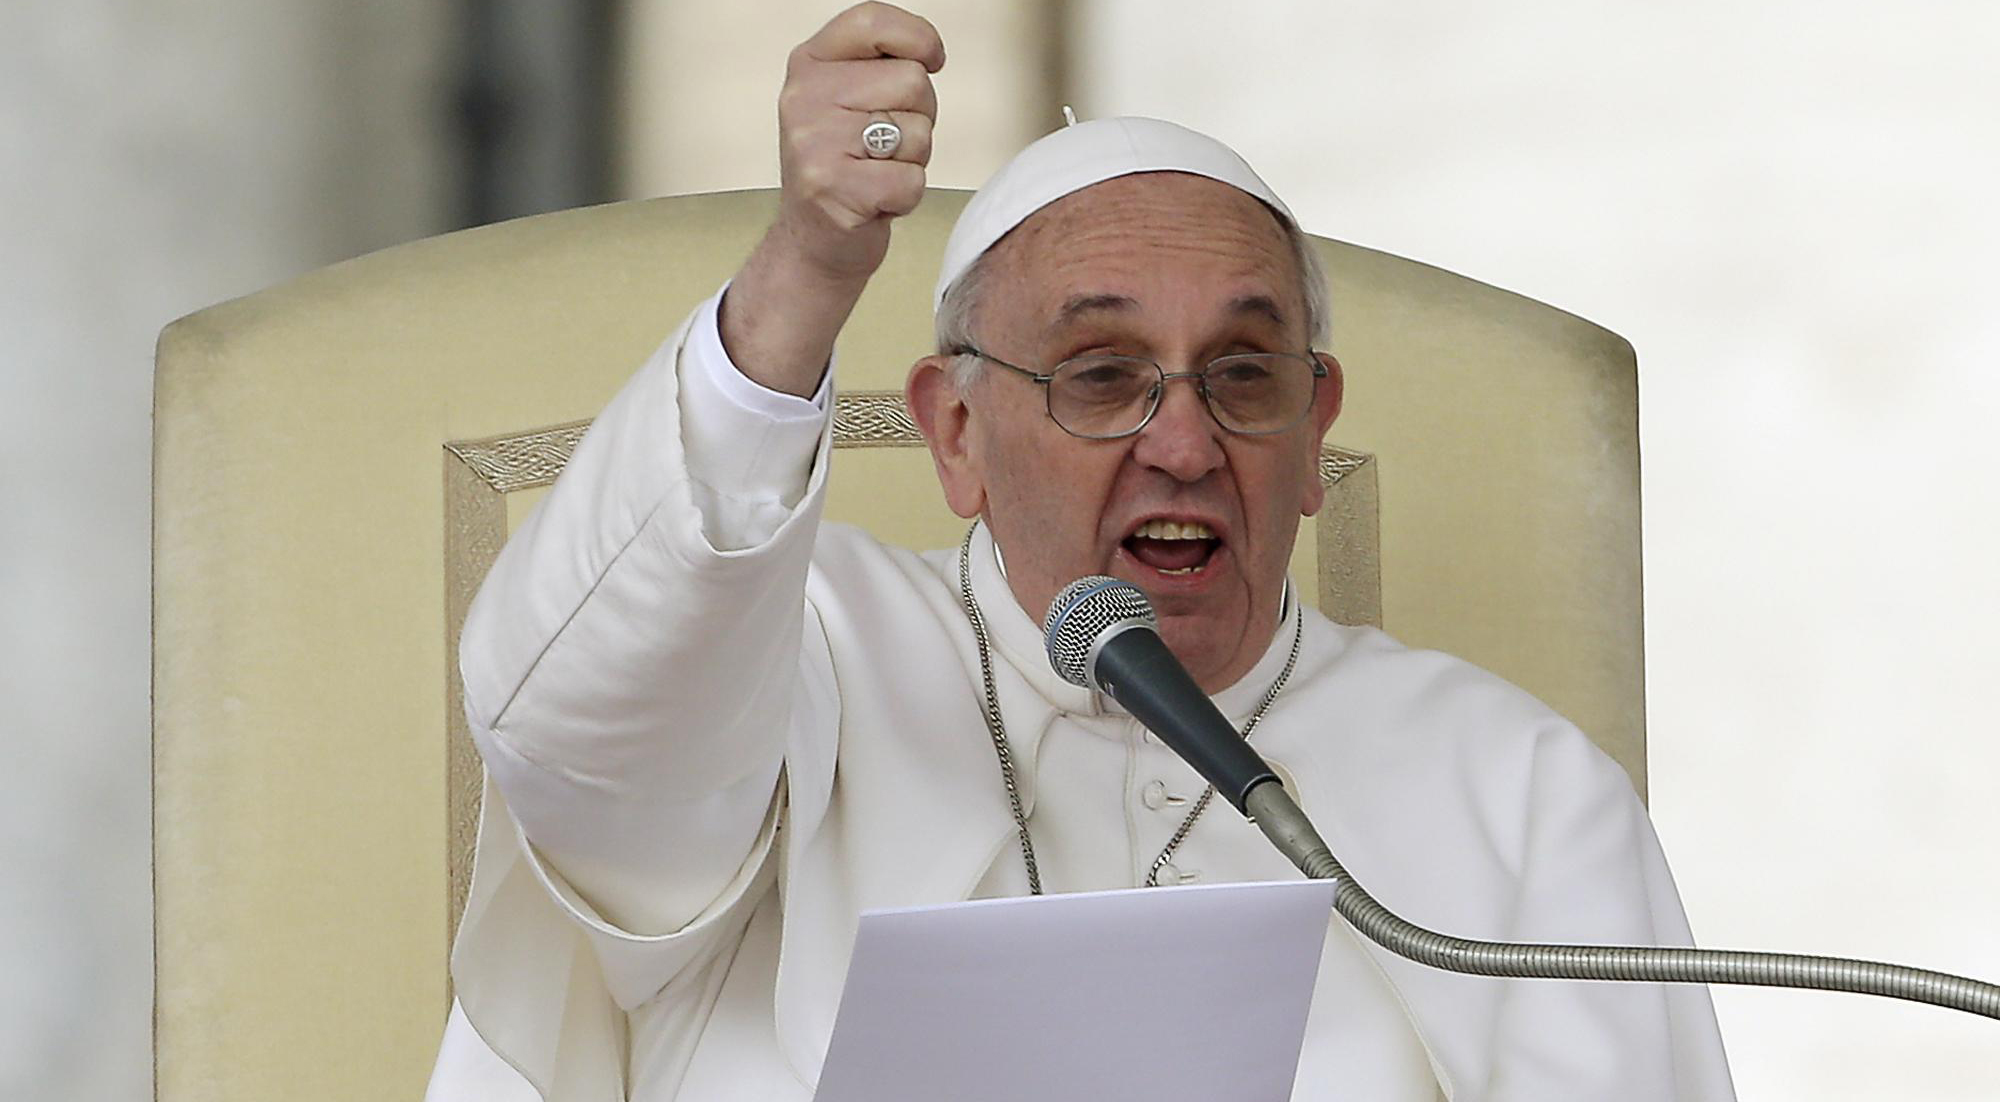 """Papa Francesco chiede la pace in Medio Oriente: """"Vi prego fermatevi, ve lo chiedo con tutto il cuore"""""""